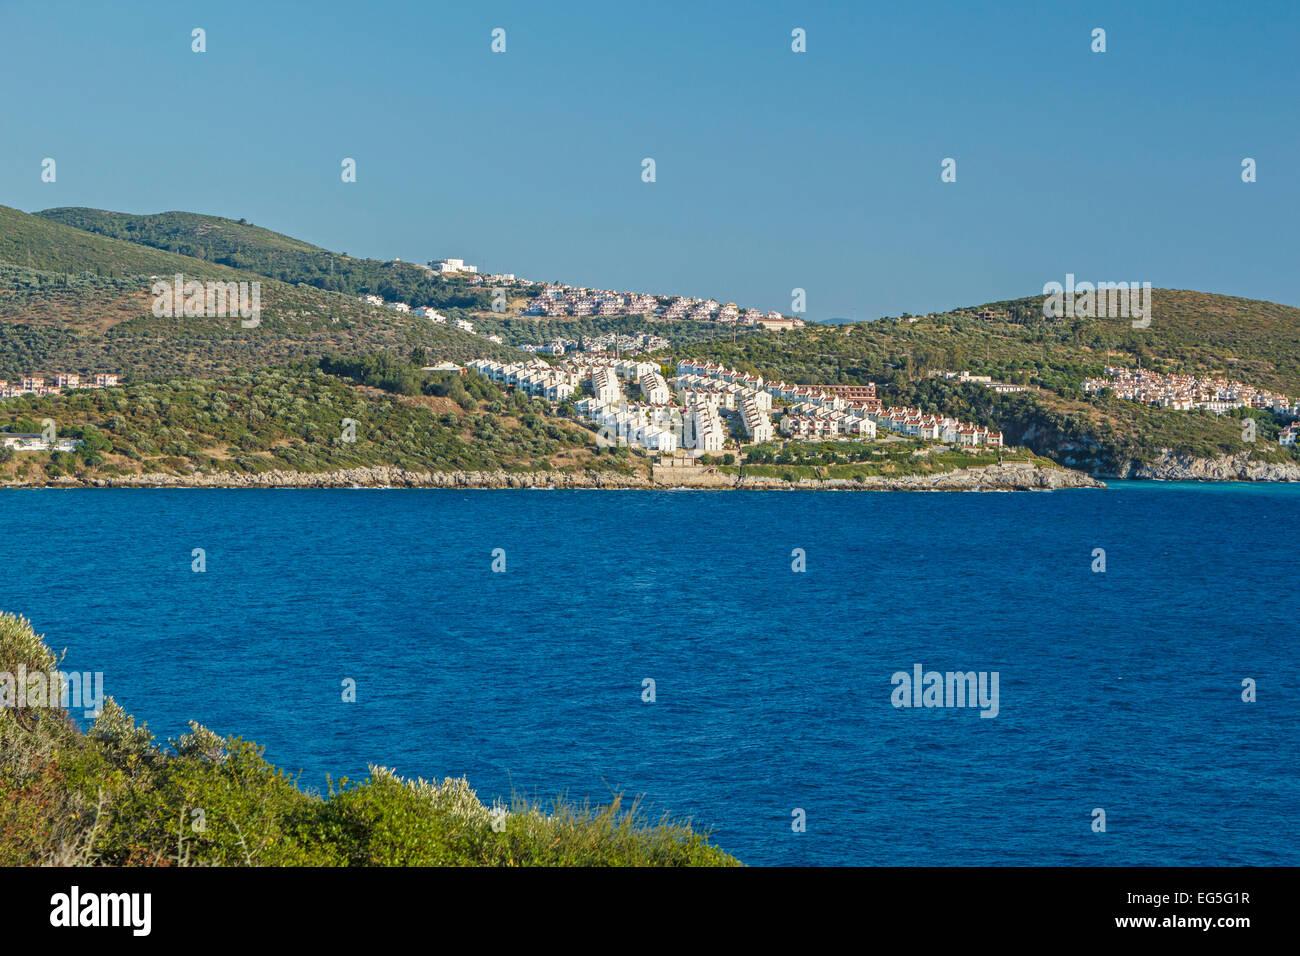 Settlements in Kusadasi, Turkey - Stock Image